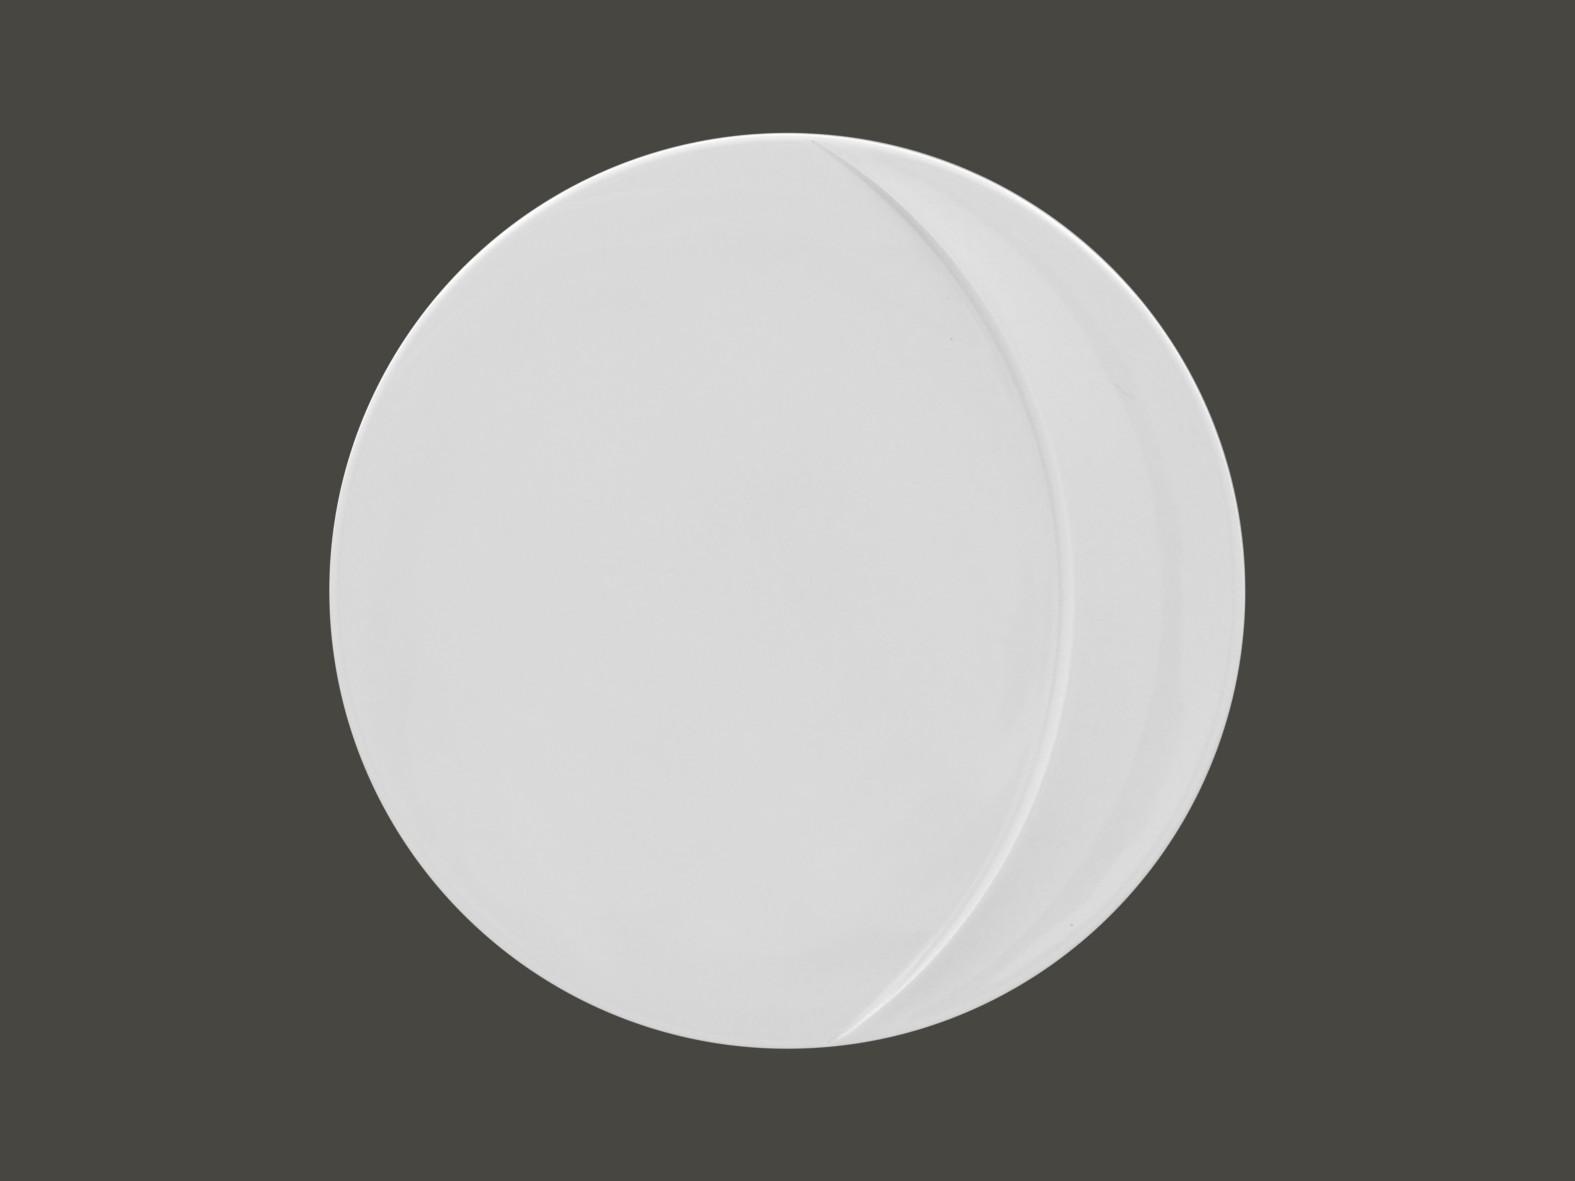 Kulatý mělký talíř/víko pro mocu23m Moon